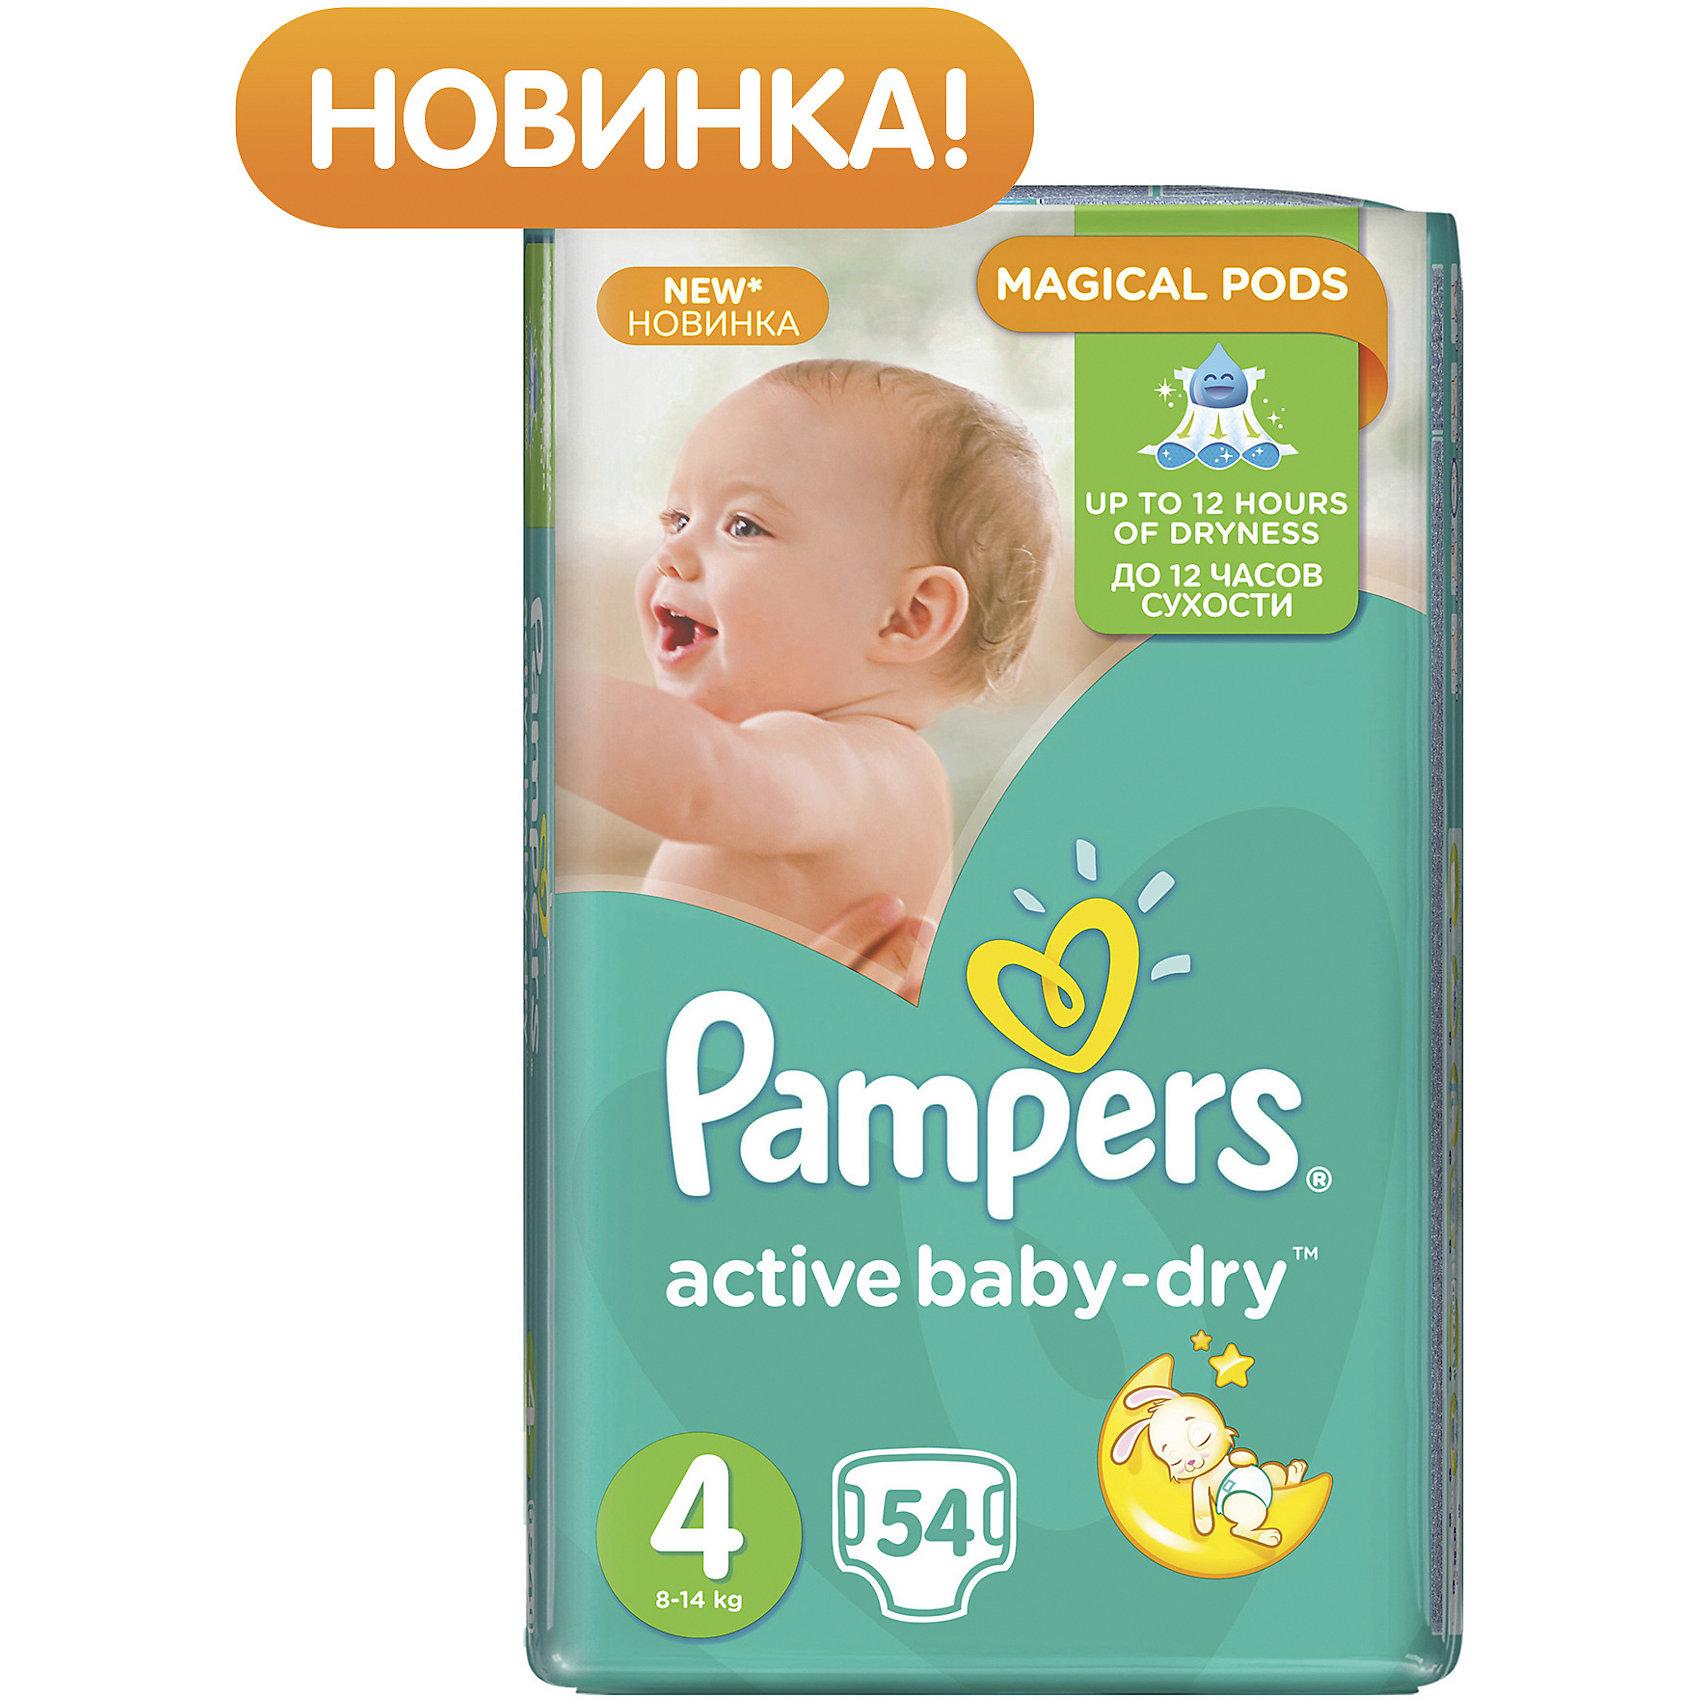 Подгузники Pampers Active Baby-Dry, 8-14 кг, 4 размер, 54 шт., PampersПодгузники более 12 кг.<br>Характеристики:<br><br>• Пол: универсальный<br>• Тип подгузника: одноразовый<br>• Коллекция: Active Baby-Dry<br>• Предназначение: для использования в любое время суток <br>• Размер: 4<br>• Вес ребенка: от 8 до 14 кг<br>• Количество в упаковке: 54 шт.<br>• Упаковка: пакет<br>• Размер упаковки: 44*11,8*22,1 см<br>• Вес в упаковке: 1 кг 773 г<br>• Эластичные застежки-липучки<br>• Быстро впитывающий слой<br>• Мягкий верхний слой<br>• Сохранение сухости в течение 12-ти часов<br><br>Подгузники Pampers Active Baby-Dry, 8-14 кг, 4 размер, 54 шт., Pampers – это линейка классических детских подгузников от Pampers, которая сочетает в себе качество и безопасность материалов, удобство использования и комфорт для нежной кожи малыша. Подгузники предназначены для младенцев весом до 14 кг. Инновационные технологии и современные материалы обеспечивают этим подгузникам Дышащие свойства, что особенно важно для кожи малыша. <br><br>Впитывающие свойства изделию обеспечивает уникальный слой, состоящий из жемчужных микрогранул. У подгузников предусмотрена эластичная мягкая резиночка на спинке. Широкие липучки с двух сторон обеспечивают надежную фиксацию. Подгузник имеет мягкий верхний слой, который обеспечивает не только комфорт, но и защищает кожу ребенка от раздражений. Подгузник подходит как для мальчиков, так и для девочек. <br><br>Подгузники Pampers Active Baby-Dry, 8-14 кг, 4 размер, 54 шт., Pampers можно купить в нашем интернет-магазине.<br><br>Ширина мм: 440<br>Глубина мм: 118<br>Высота мм: 221<br>Вес г: 1773<br>Возраст от месяцев: 6<br>Возраст до месяцев: 24<br>Пол: Унисекс<br>Возраст: Детский<br>SKU: 5419075